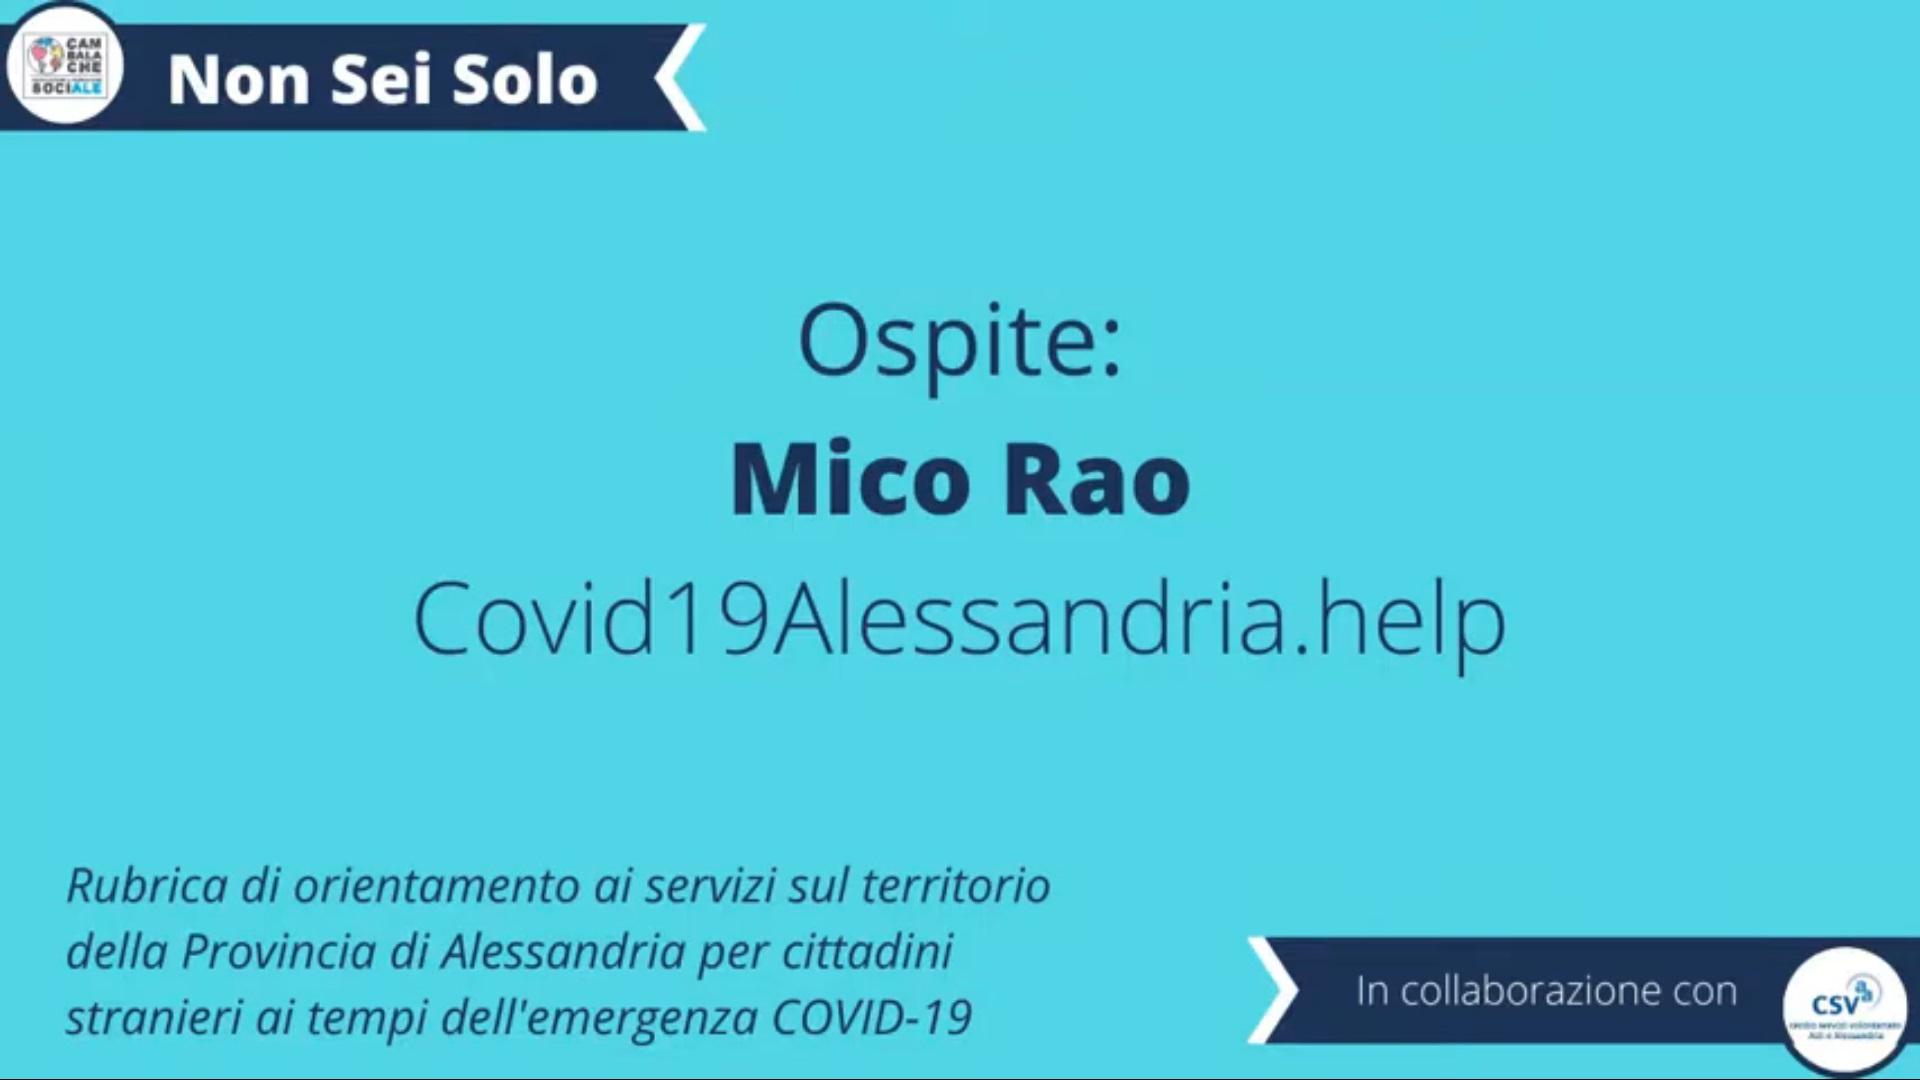 CORONAVIRUS. I servizi per i cittadini stranieri sul territorio di Alessandria – COVID19ALESSANDRIA.HELP